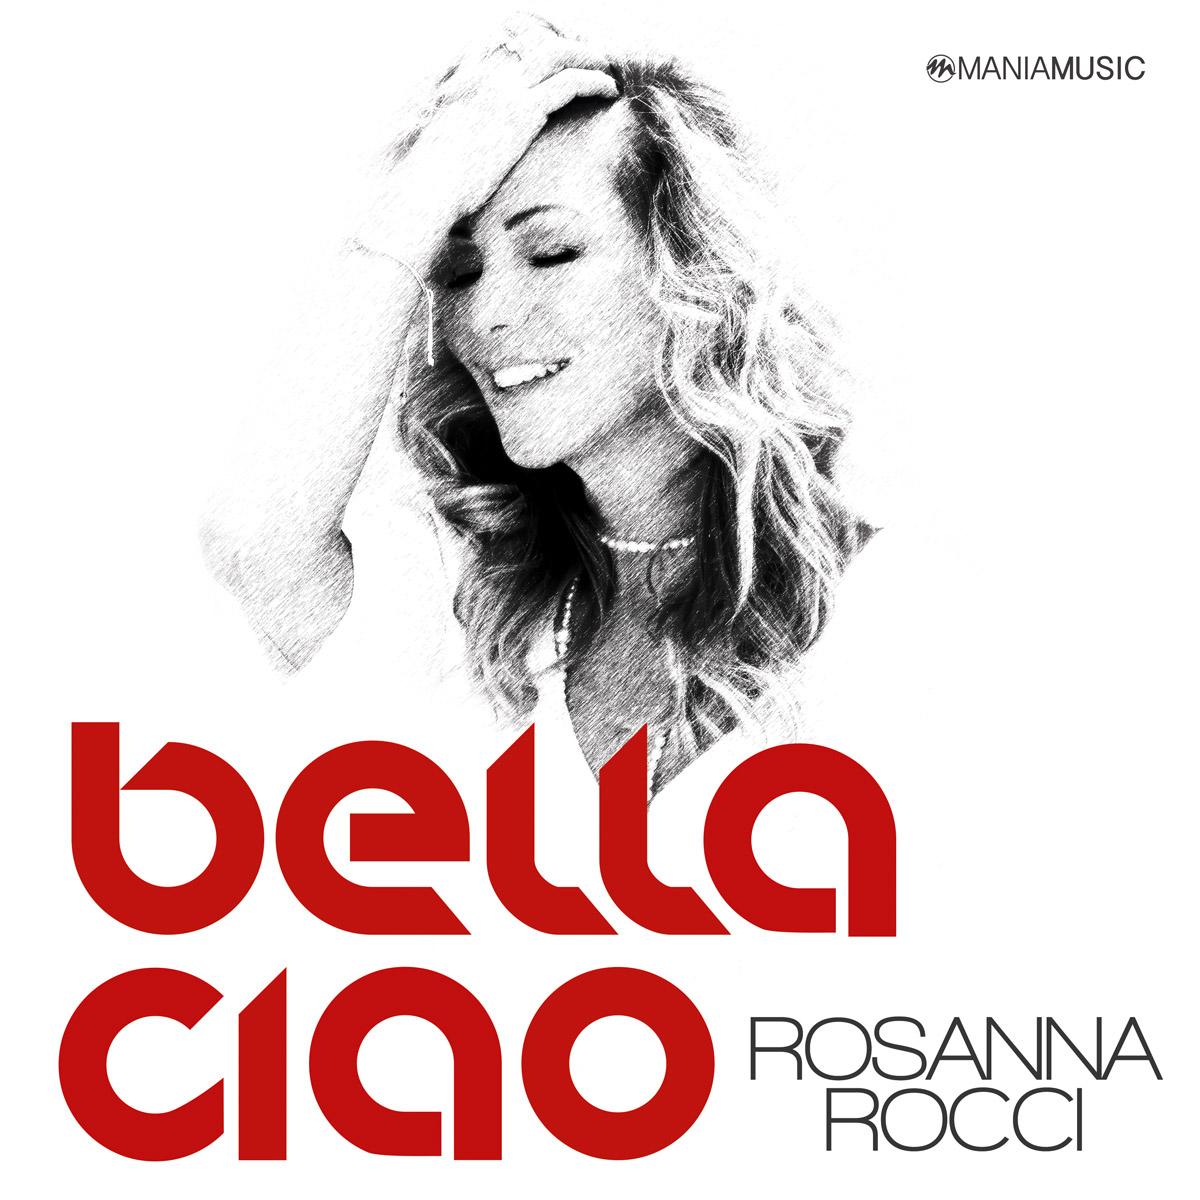 Rosanna Rocci Bella Ciao Cover